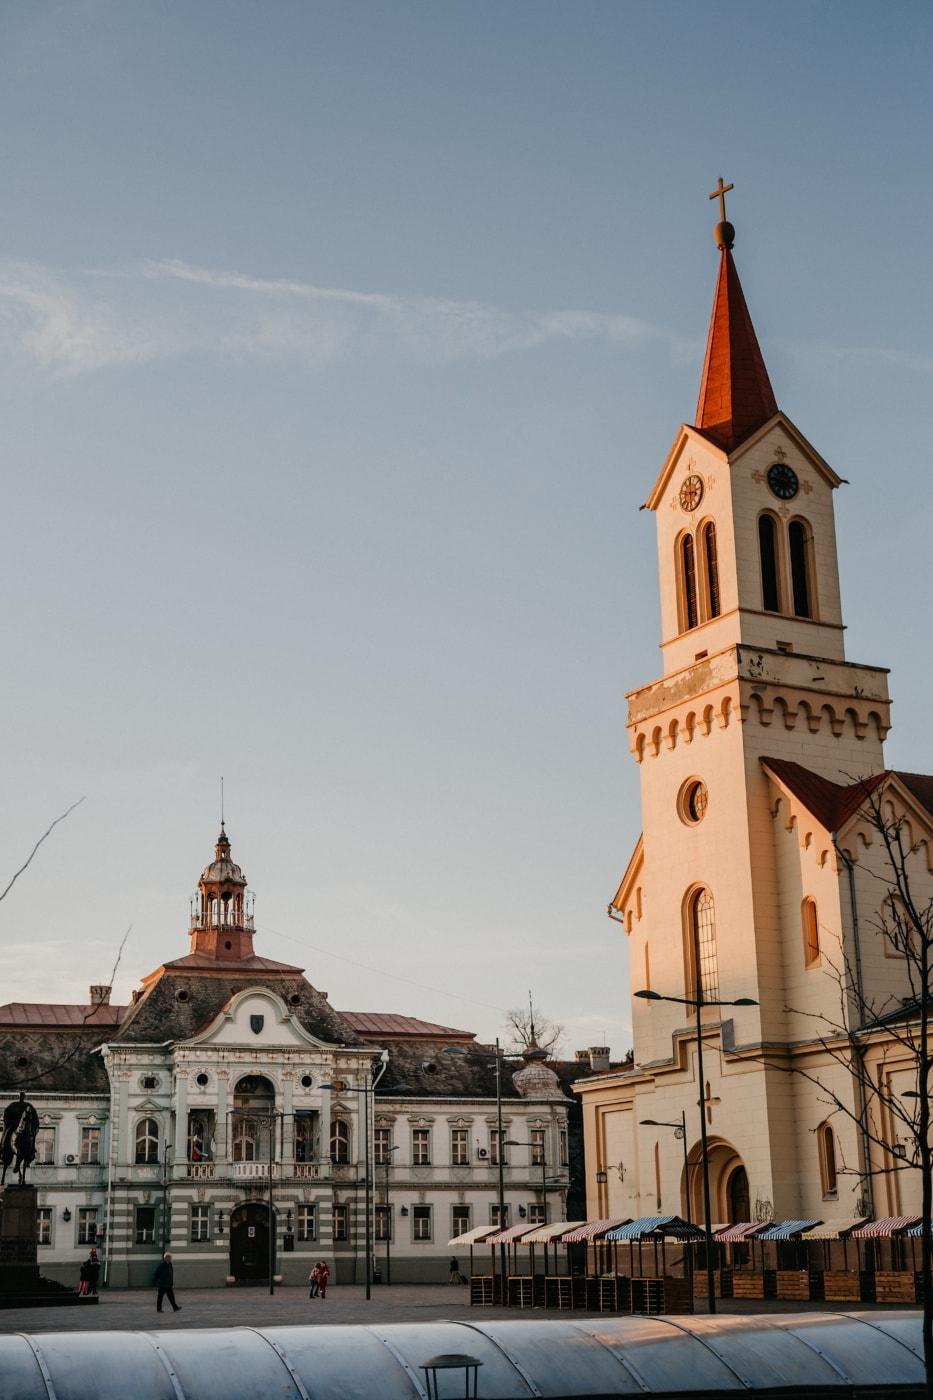 в центъра, пребиваване, сгради, Барок, улица, град, забележителност, Църквата кула, сграда, архитектура